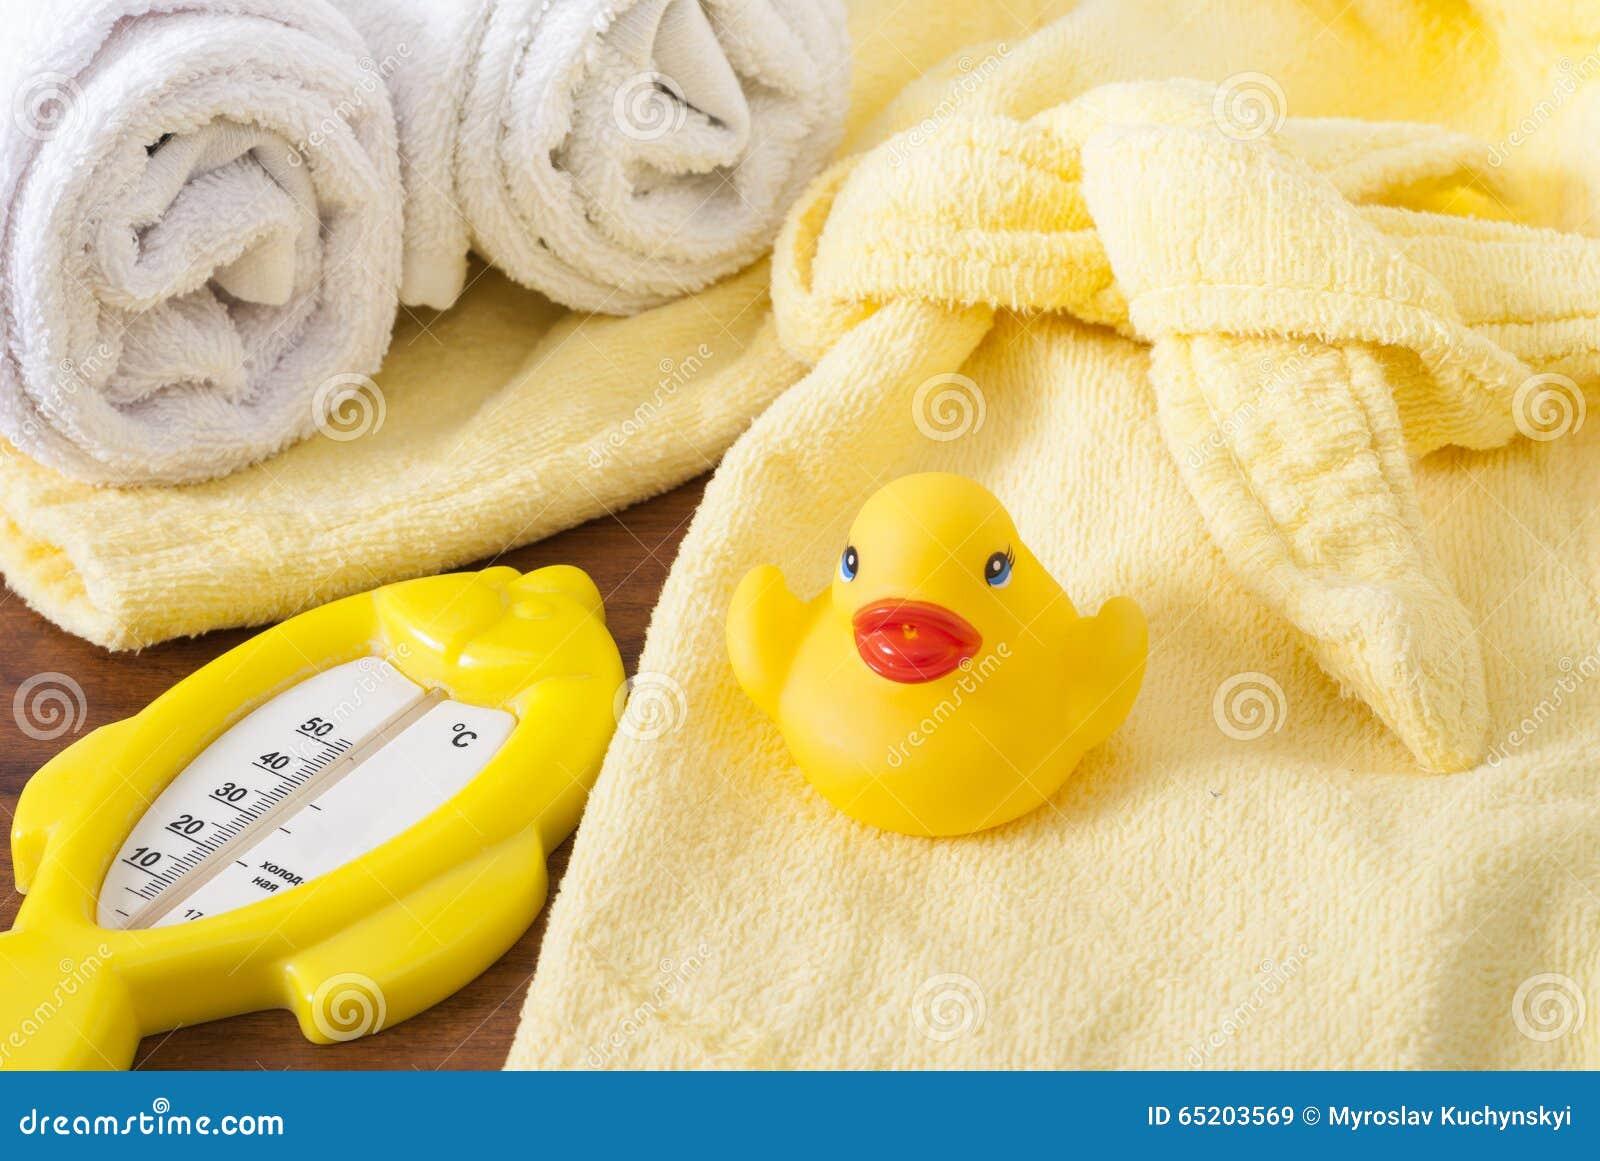 Acessórios do banho